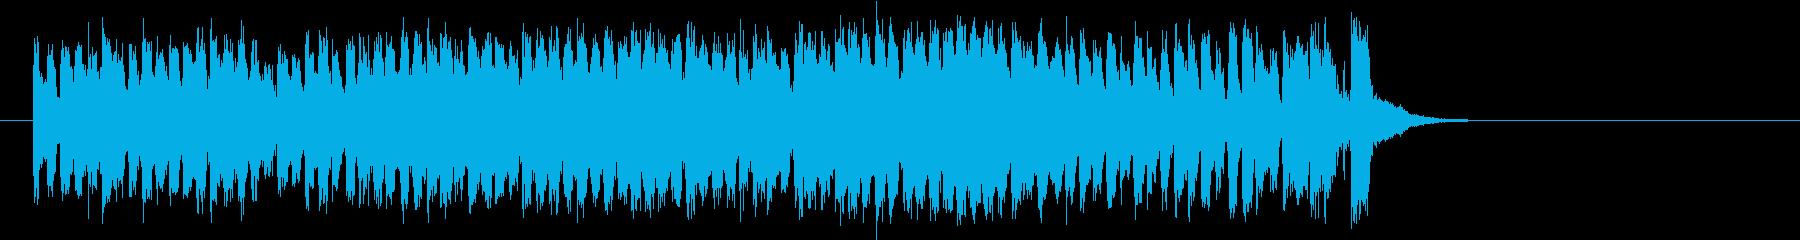 爽快な8ビート・ポップス(サビ)の再生済みの波形